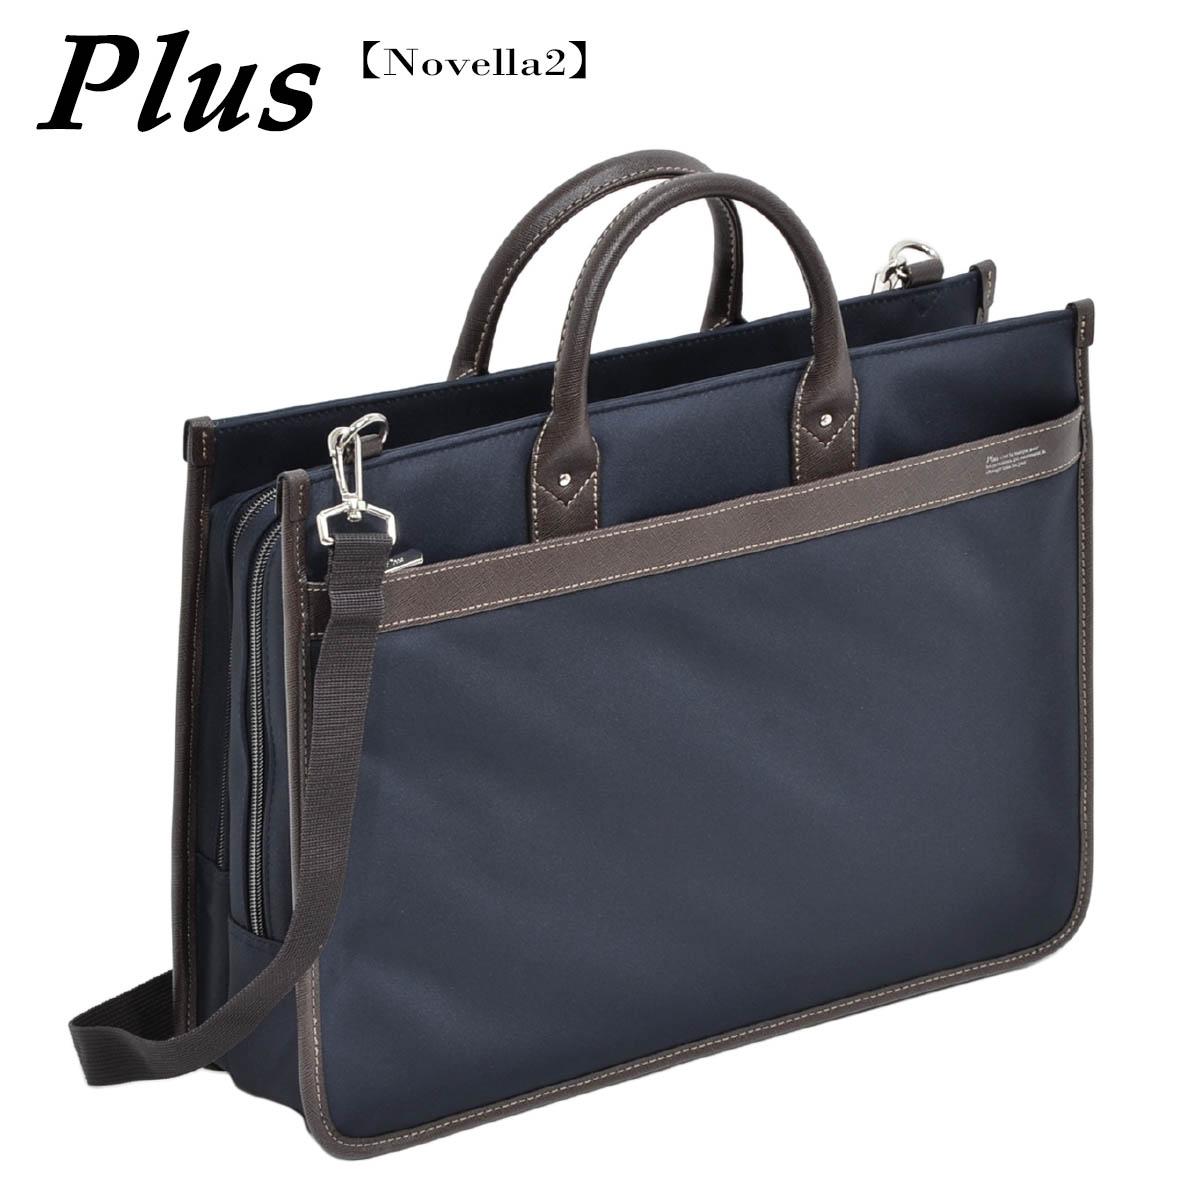 ビジネスバッグ Plus novella2 プリュース No:2-732 ブリーフケース 使い易い 2ルーム 自立式 A4 ファイル 対応メンズ レディース 通勤 通学 就活 エンドー鞄